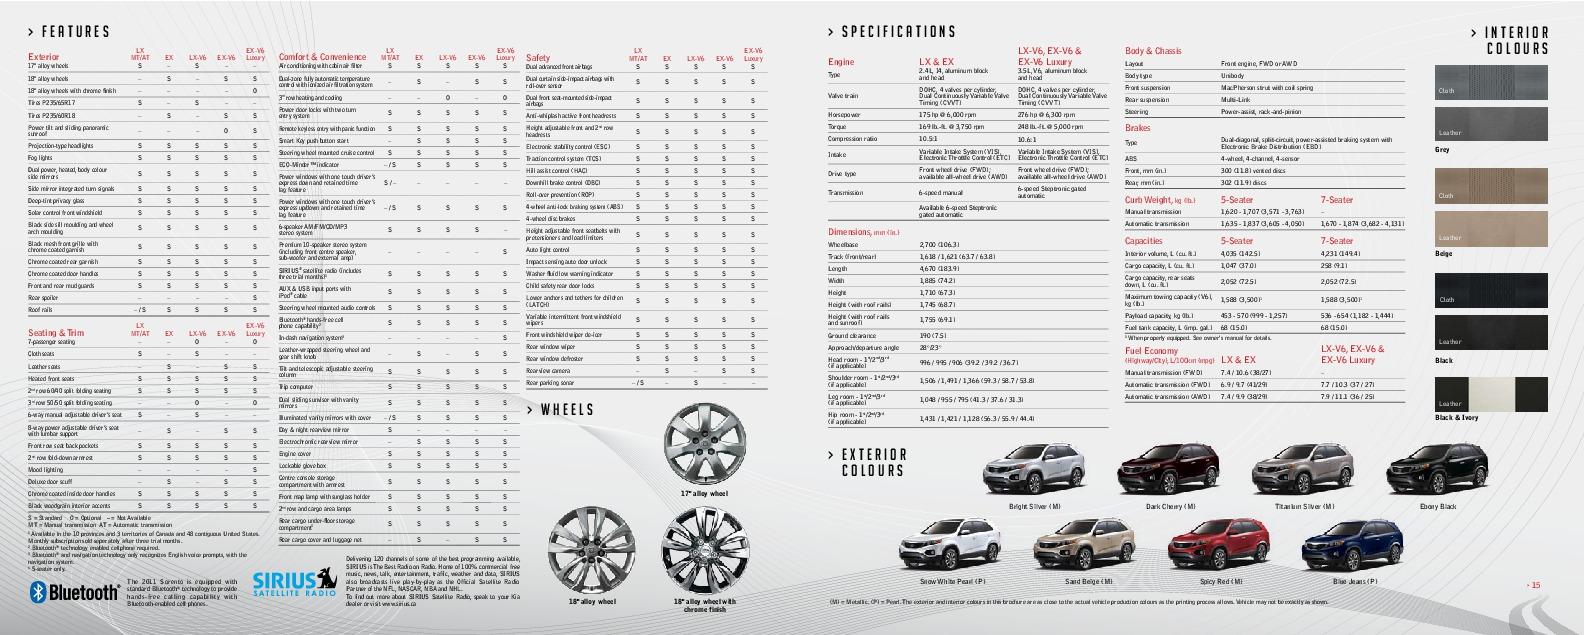 2011 kia sorento owners manual pdf